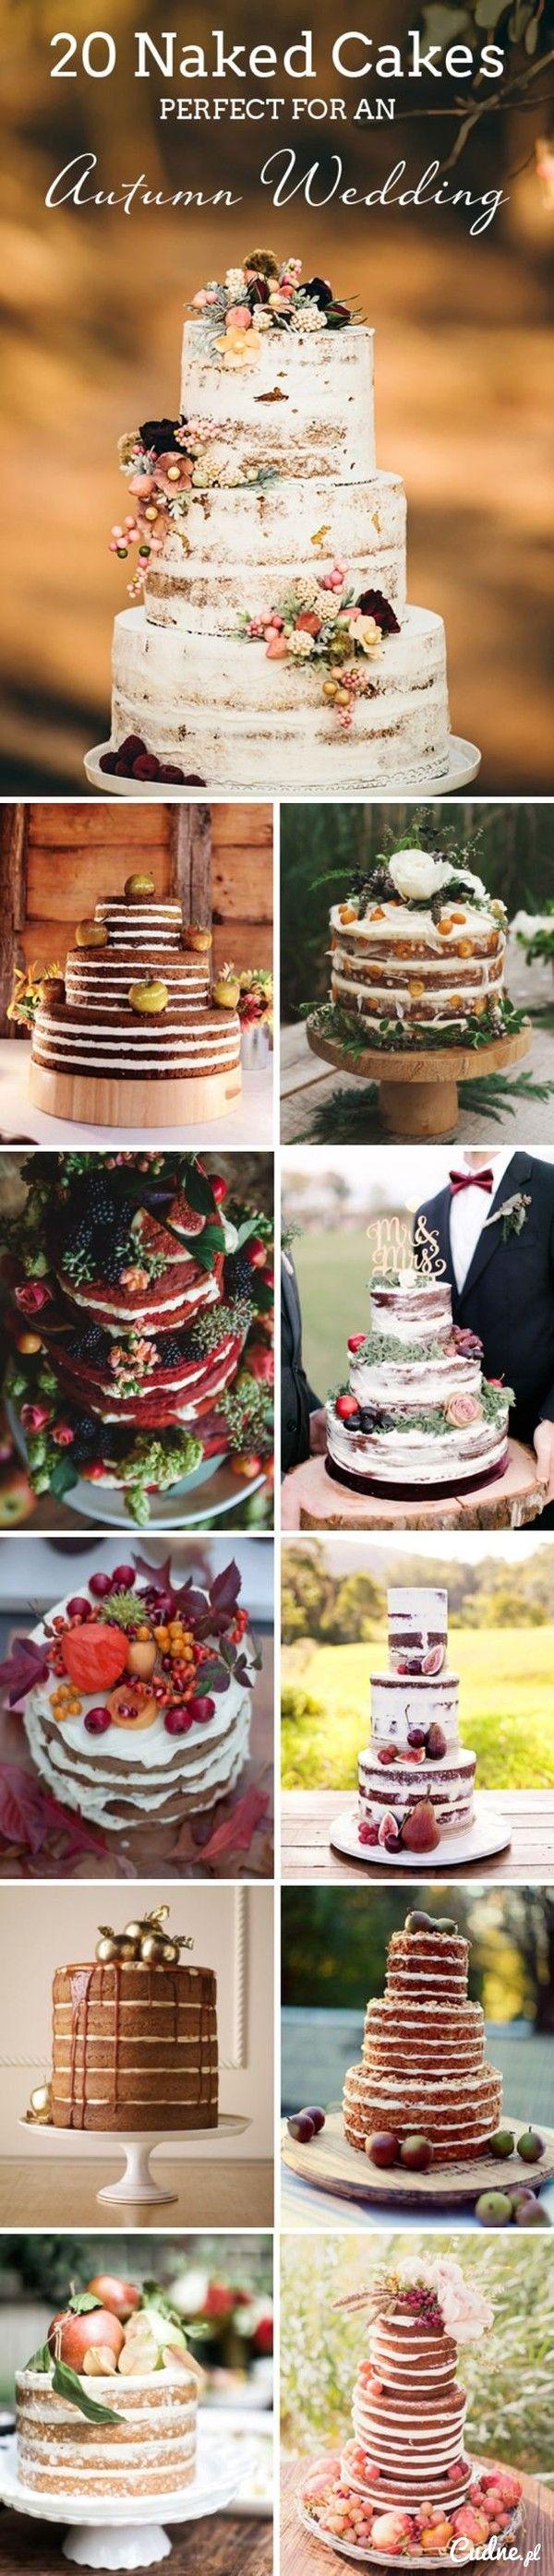 Wedding decorations outside house february 2019  best Summer  images on Pinterest  Wedding ideas Boho